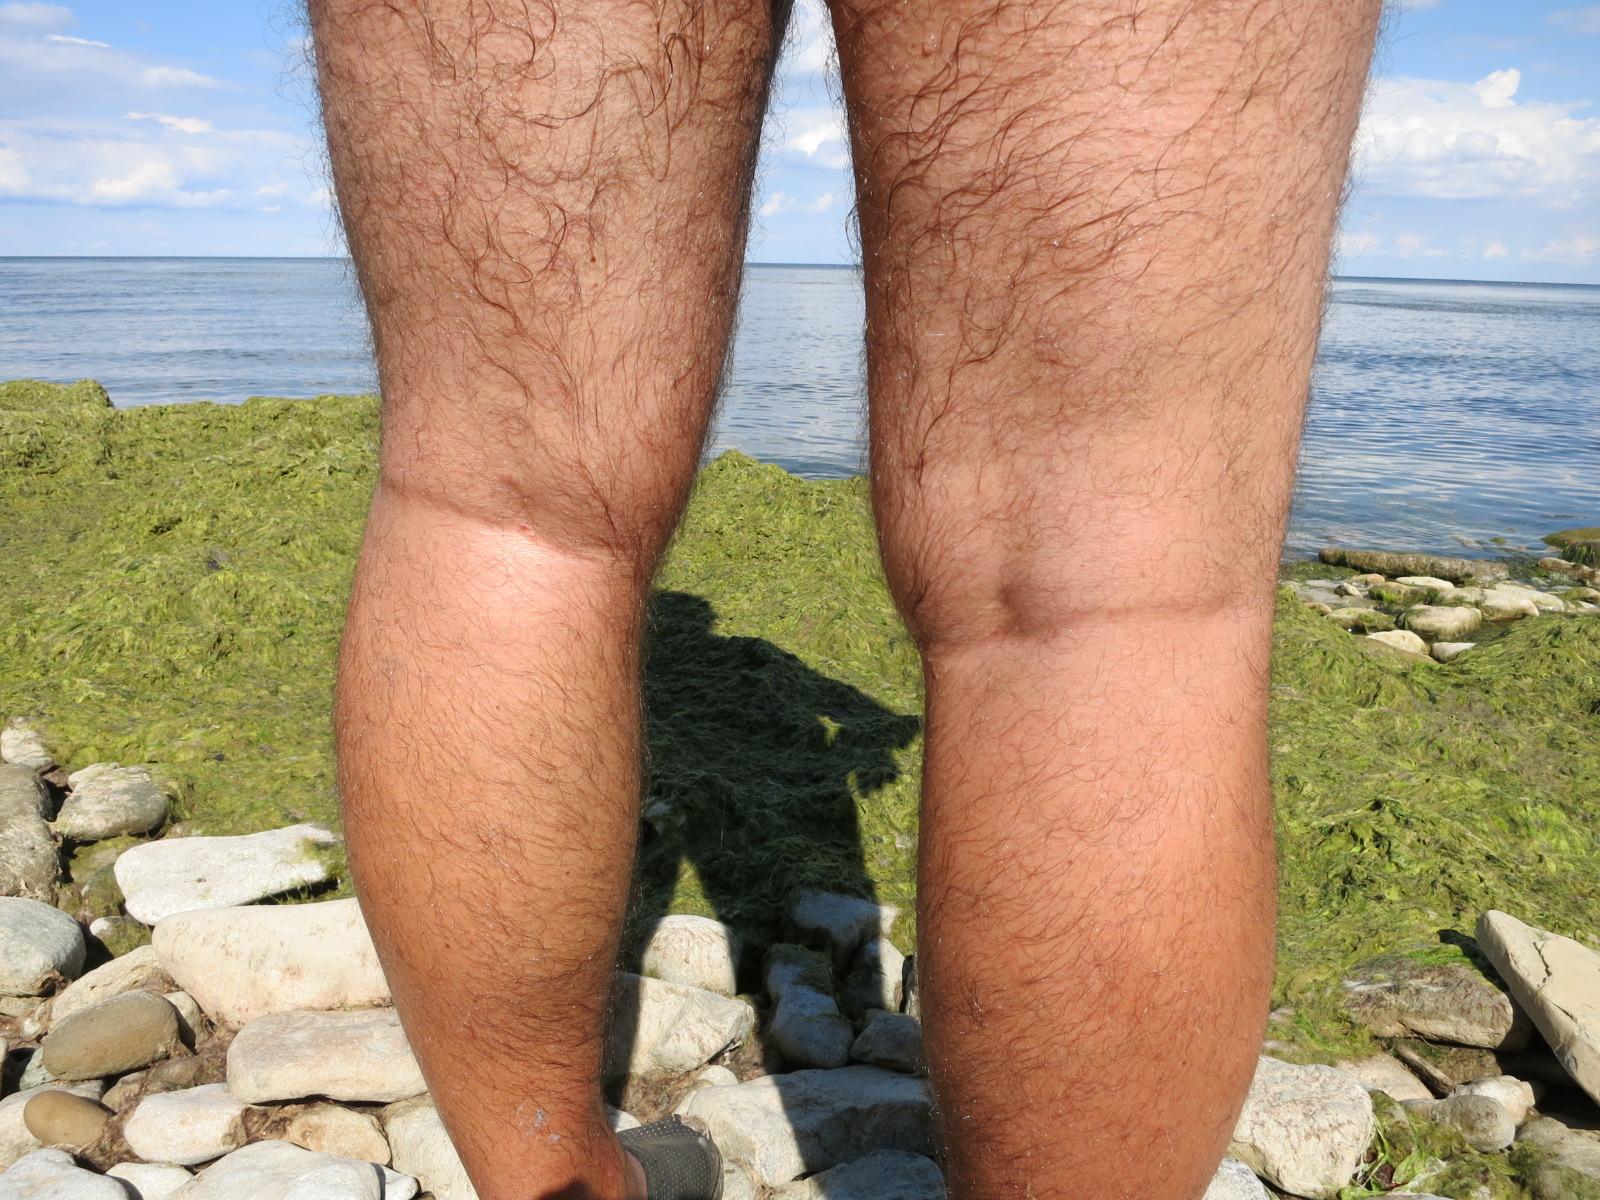 волосатые женские ноги видео онлайн проснулась уже